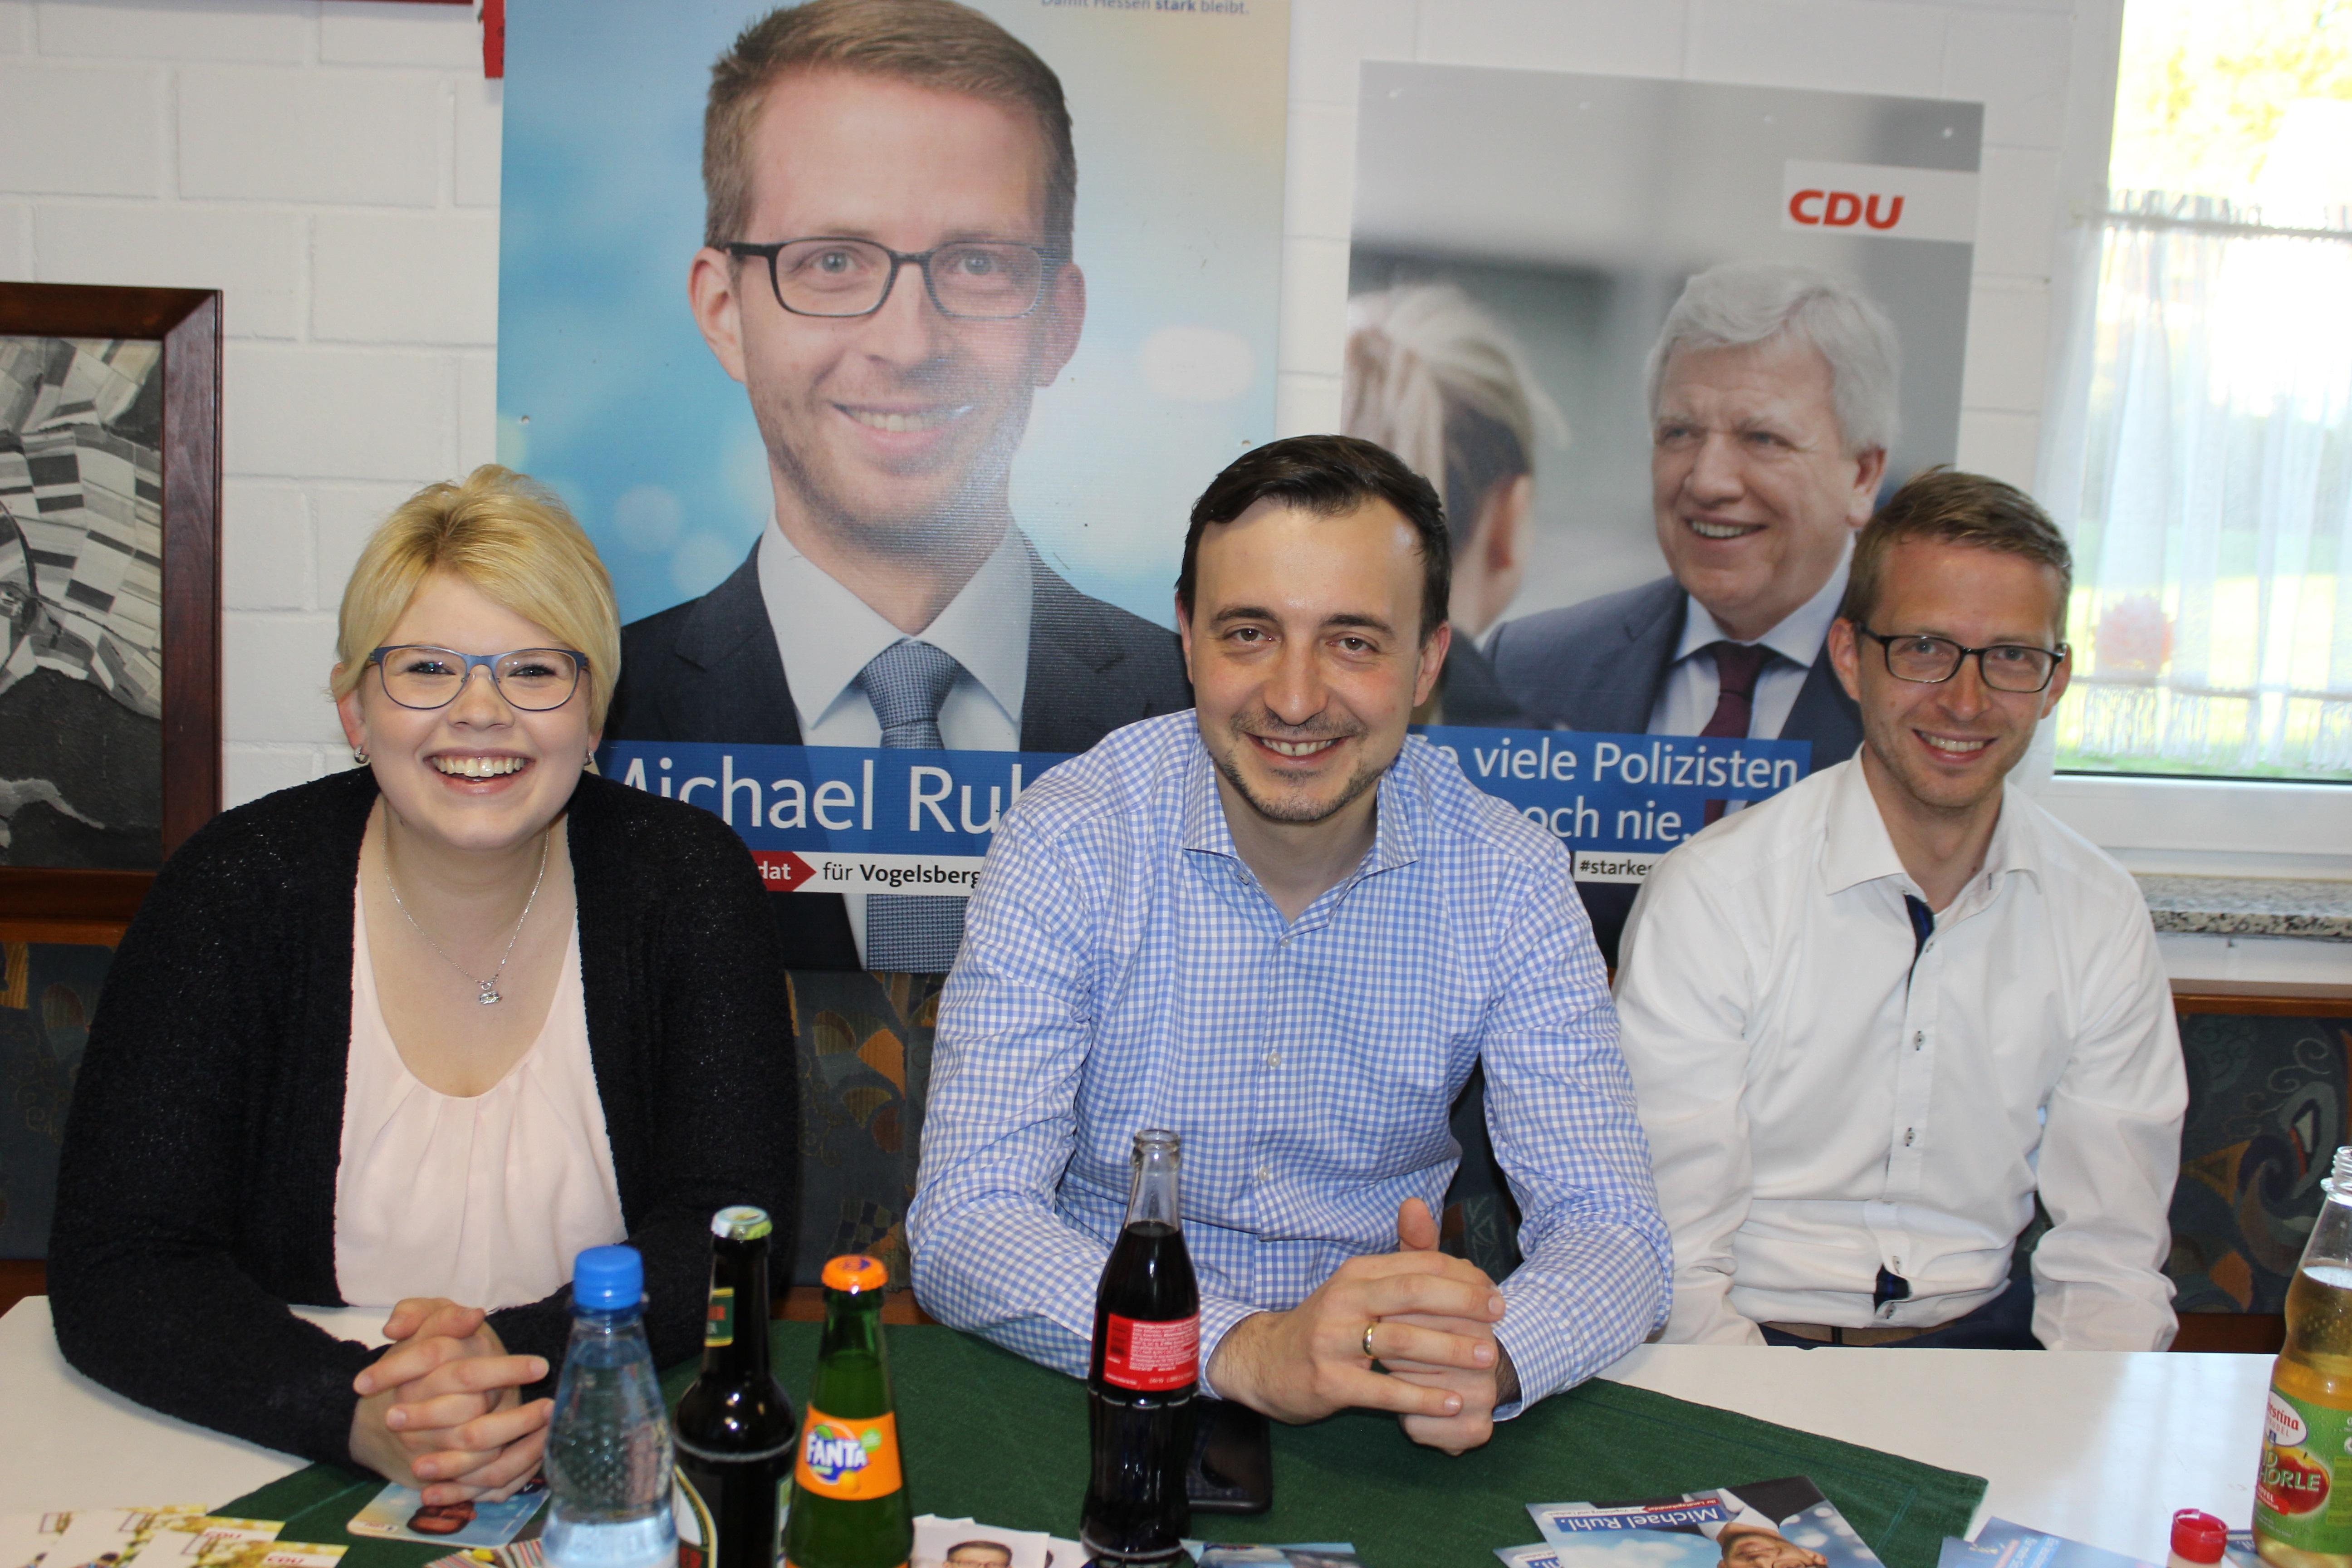 Der neue Generalsekretär der CDU, Paul Ziemiak (Mitte), bei einer Diskussion im Oktober in Eifa mit JU-Kreisvorsitzender Jennifer Gießler (links) und dem danach in den Landtag gewählten Michael Ruhl.